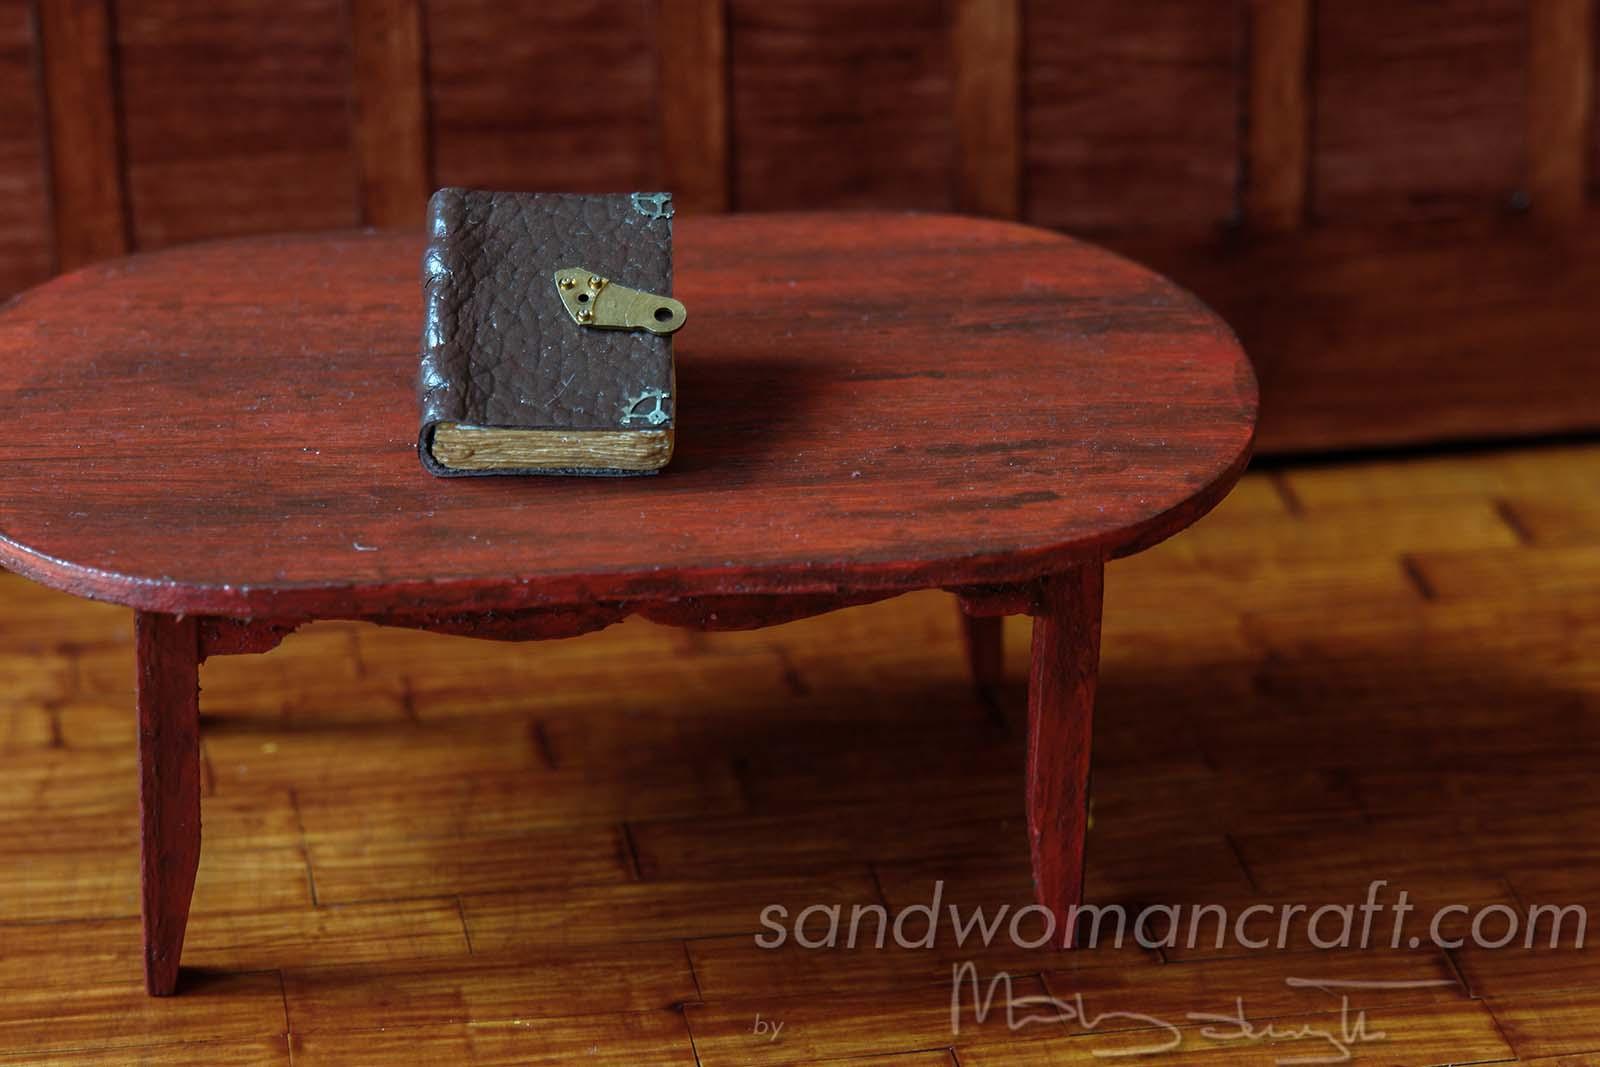 Miniature Steampunk Book